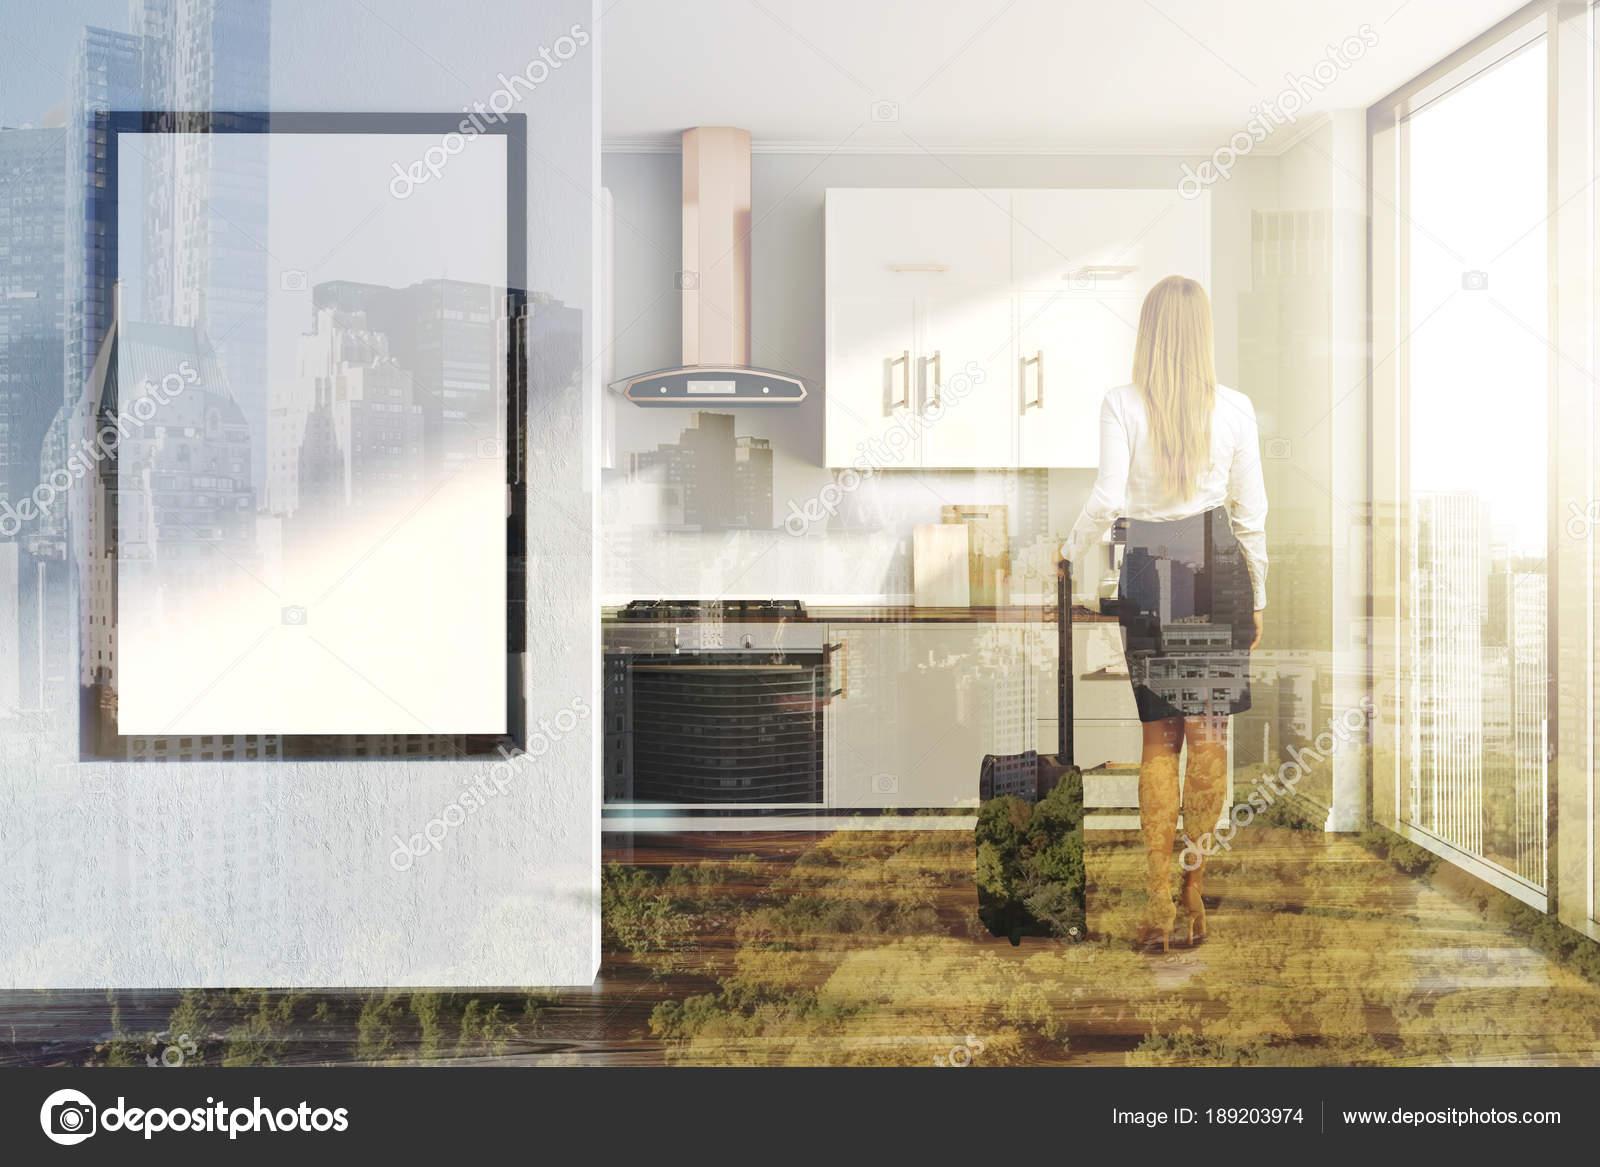 Banconi da cucina bianco, grigio, poster tonica — Foto Stock ...